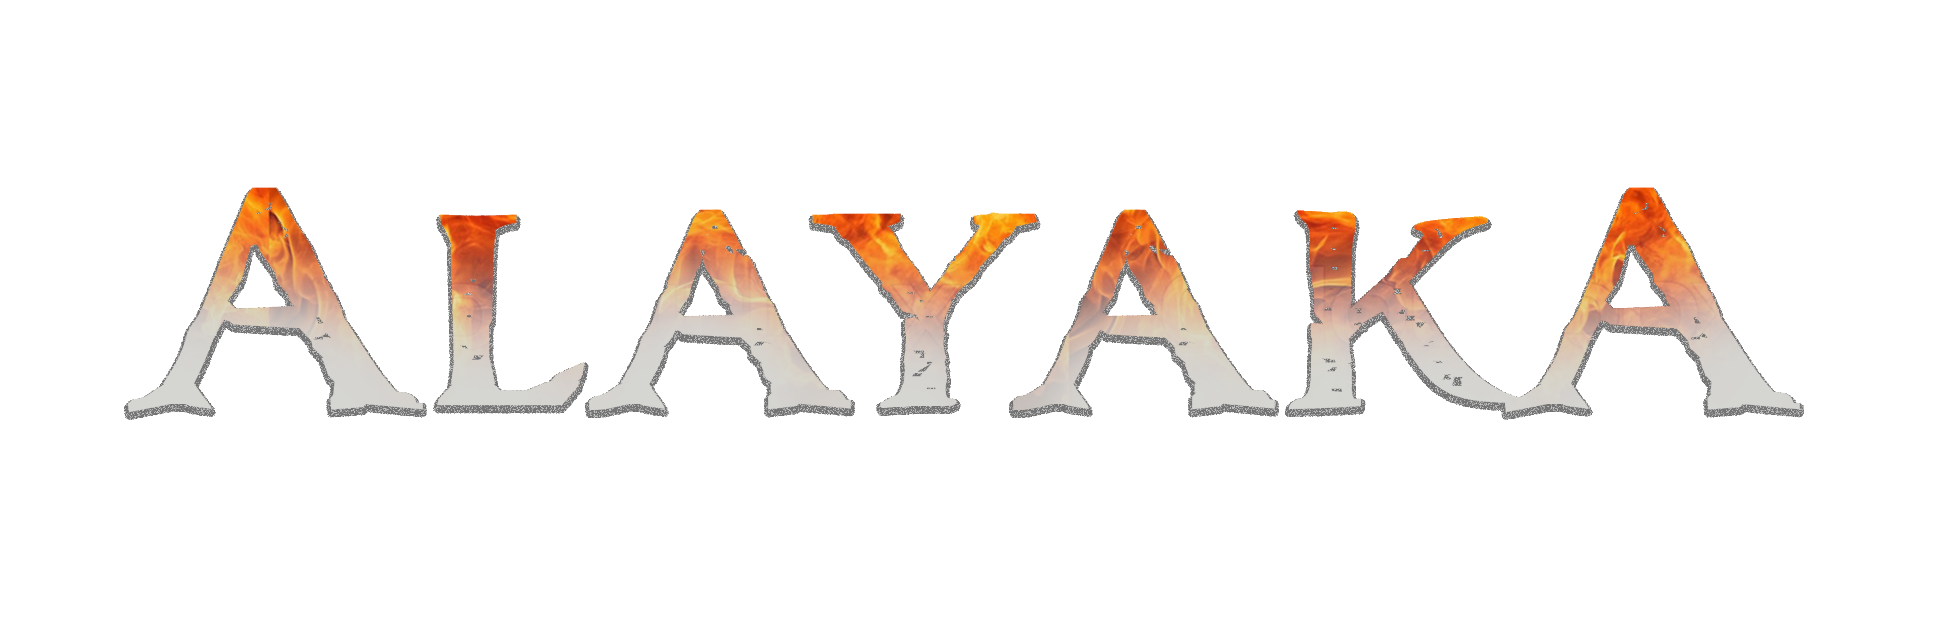 Alayaka